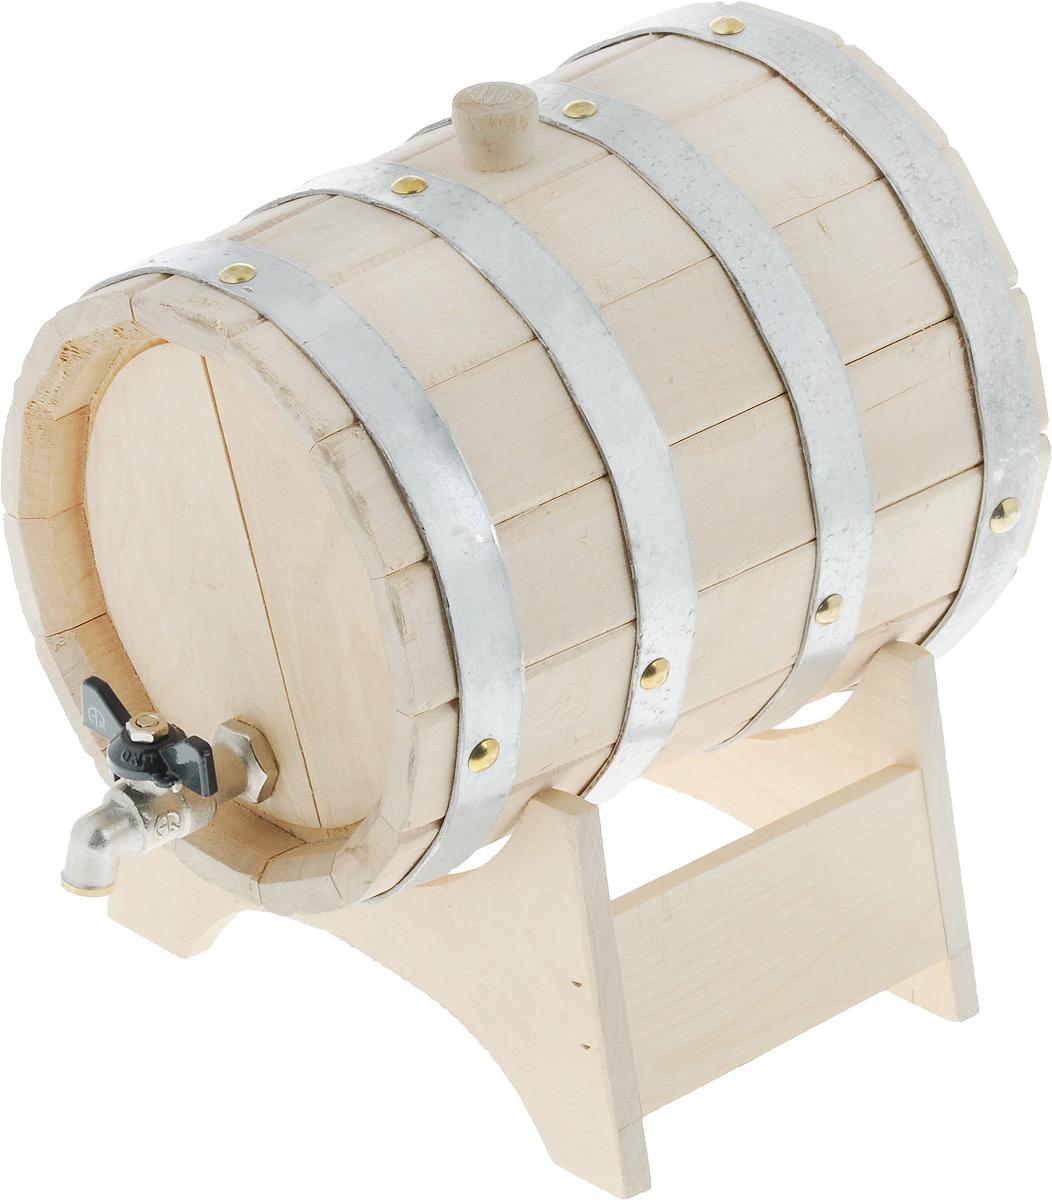 Бочонок для бани и сауны Proffi Home, на подставке, 3 лPH0192Бочонок Proffi Home изготовлен из березы. Он прекрасно впишется своим дизайном в интерьер. Березовый бочонок является одним из лучших среди бондарных изделий для использования в бане или сауне. Корпус бочонка стянут металлическими обручами с клепками. Для более удобного использования изделие имеет краник и подставку. Главное достоинство в том, что все полезные свойства остаются в сохранности. Эксплуатация бондарных изделий. Перед первым использованием бондарное изделие рекомендуется подготовить. Для этого нужно наполнить изделие холодной водой и оставить наполненным на 2-3 часа. Затем необходимо воду слить, обдать изделие сначала горячей, потом холодной водой. Не рекомендуется оставлять бондарные изделия около нагревательных приборов, а также под длительным воздействием прямых солнечных лучей. С момента начала использования бондарного изделия не рекомендуется оставлять его без воды на срок более 1 недели. Но и продолжительное время хранить...